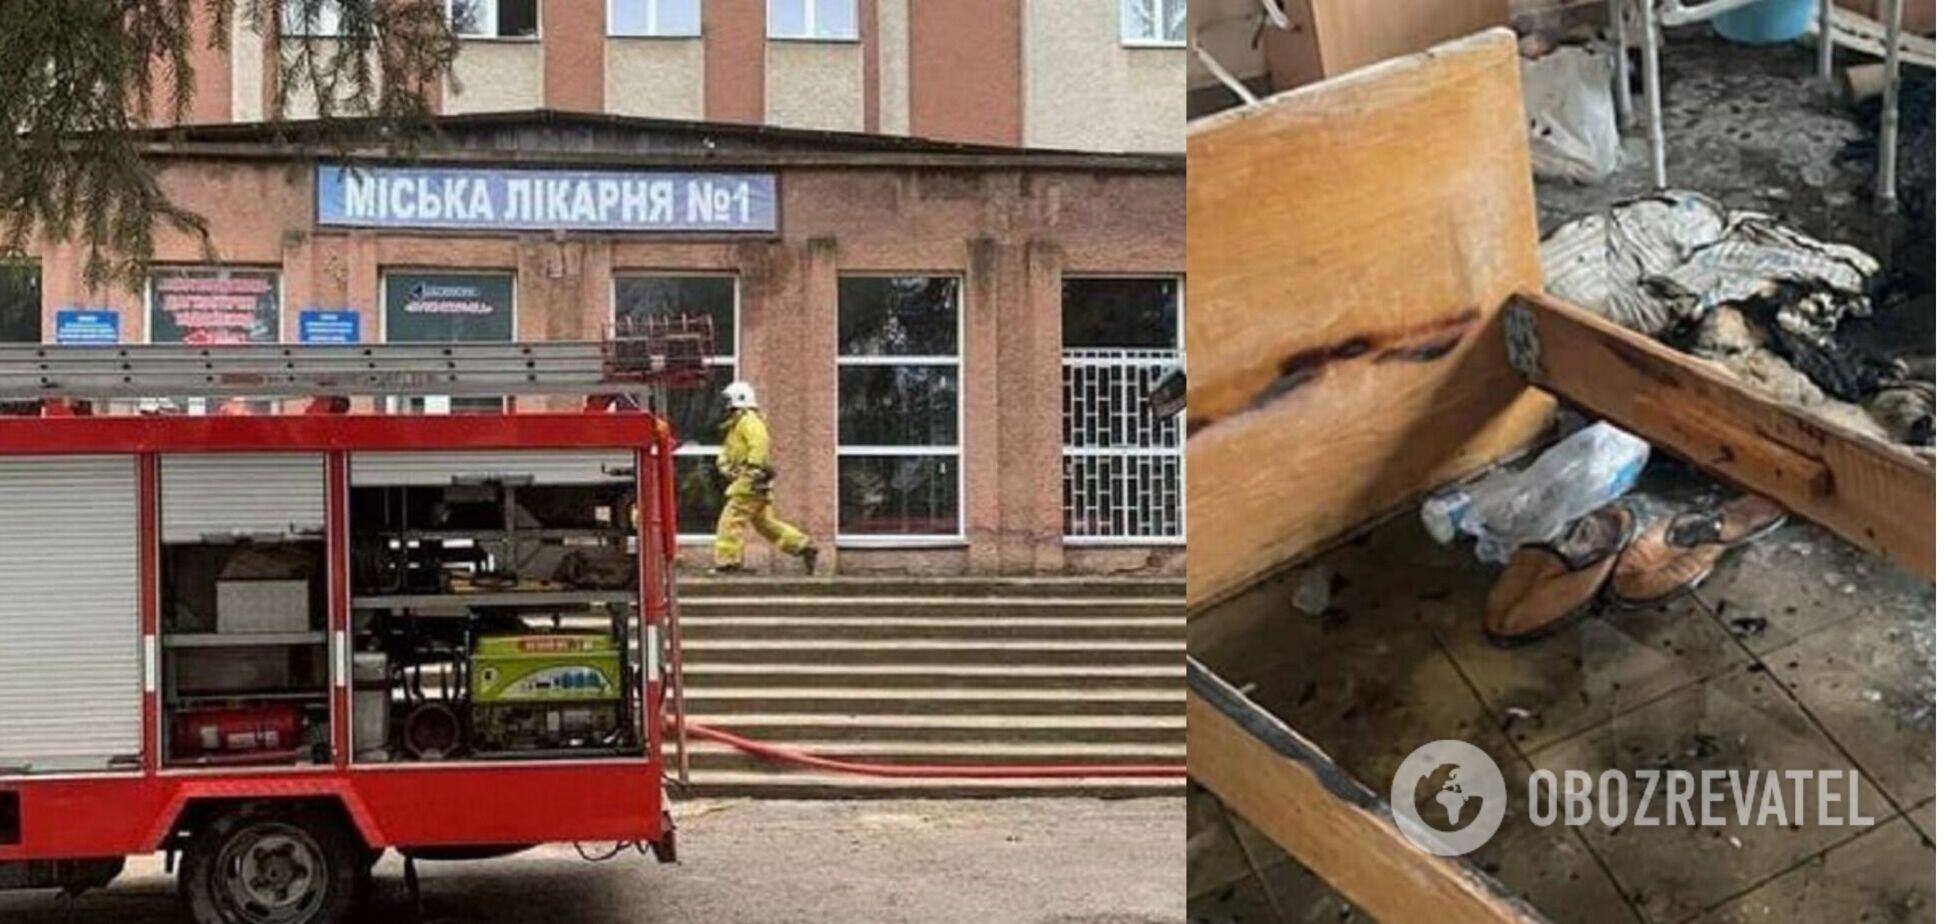 Второй пациент скончался в результате пожара в больнице Черновцов